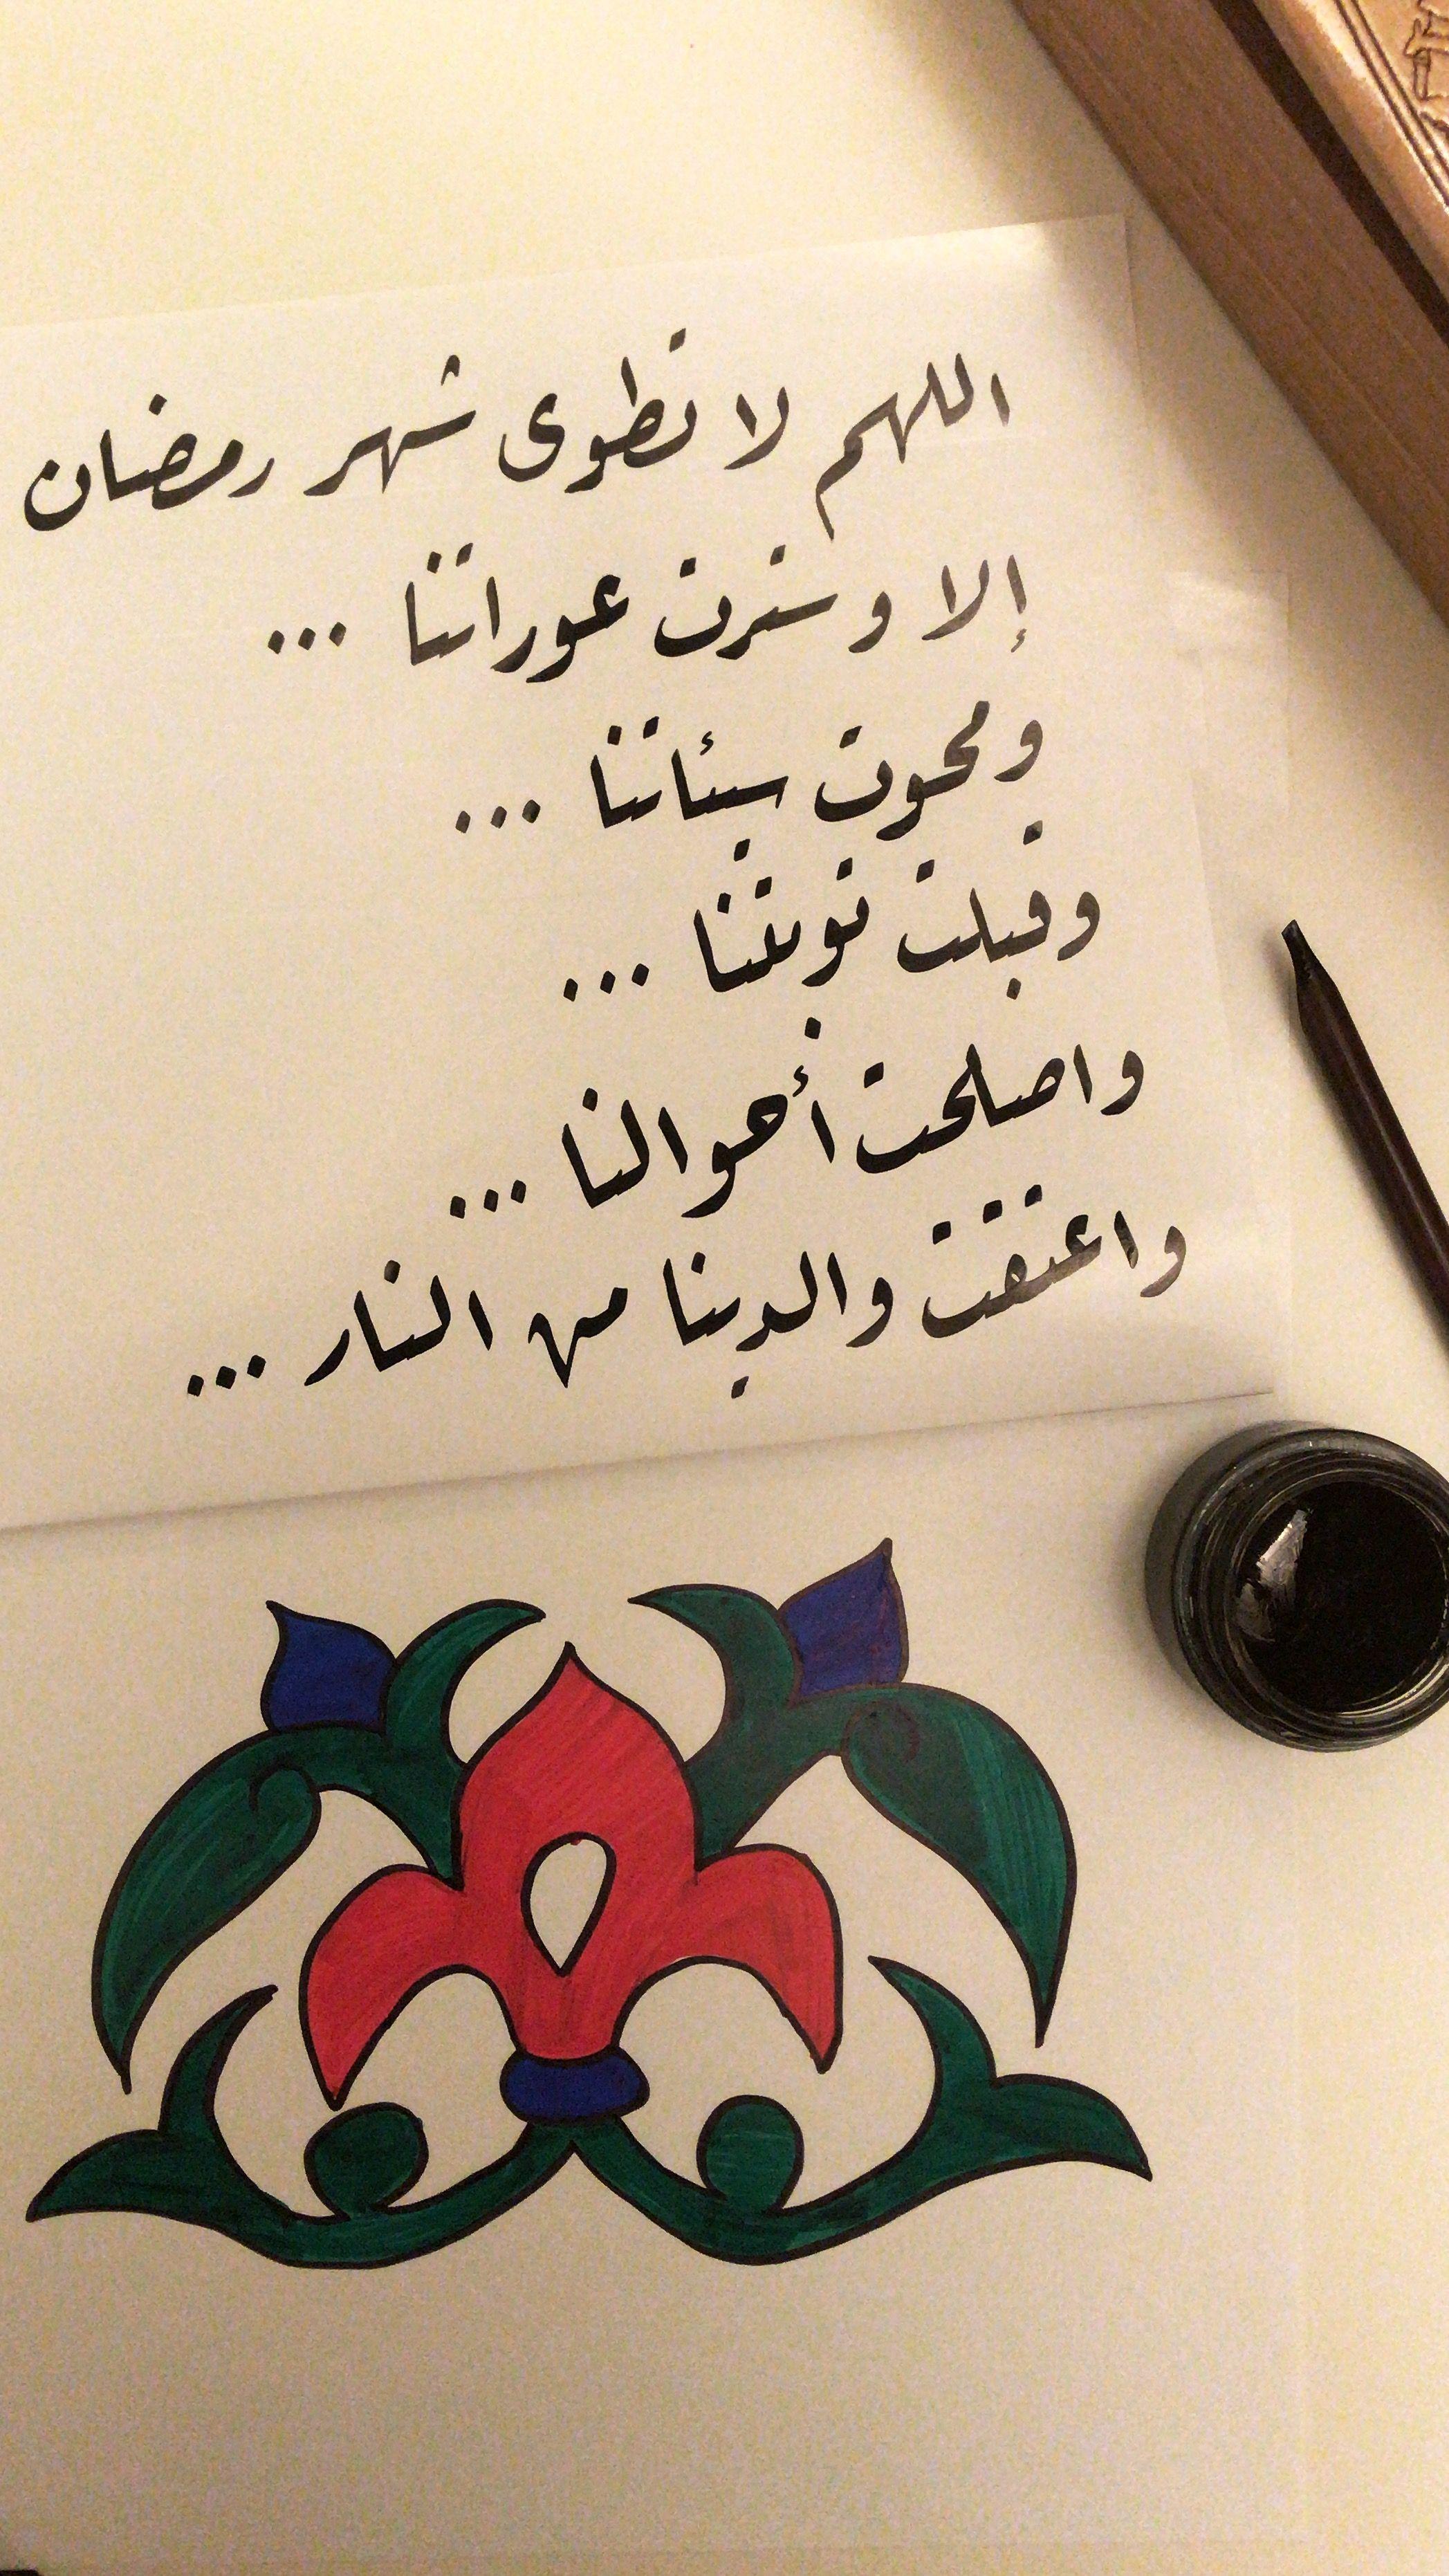 ومضان دعاء العشر الأواخر ختام خط خطي نقش زخرفة اسلامي رقعة رسم رسمي Ramadan Arabic Calligraphy Art